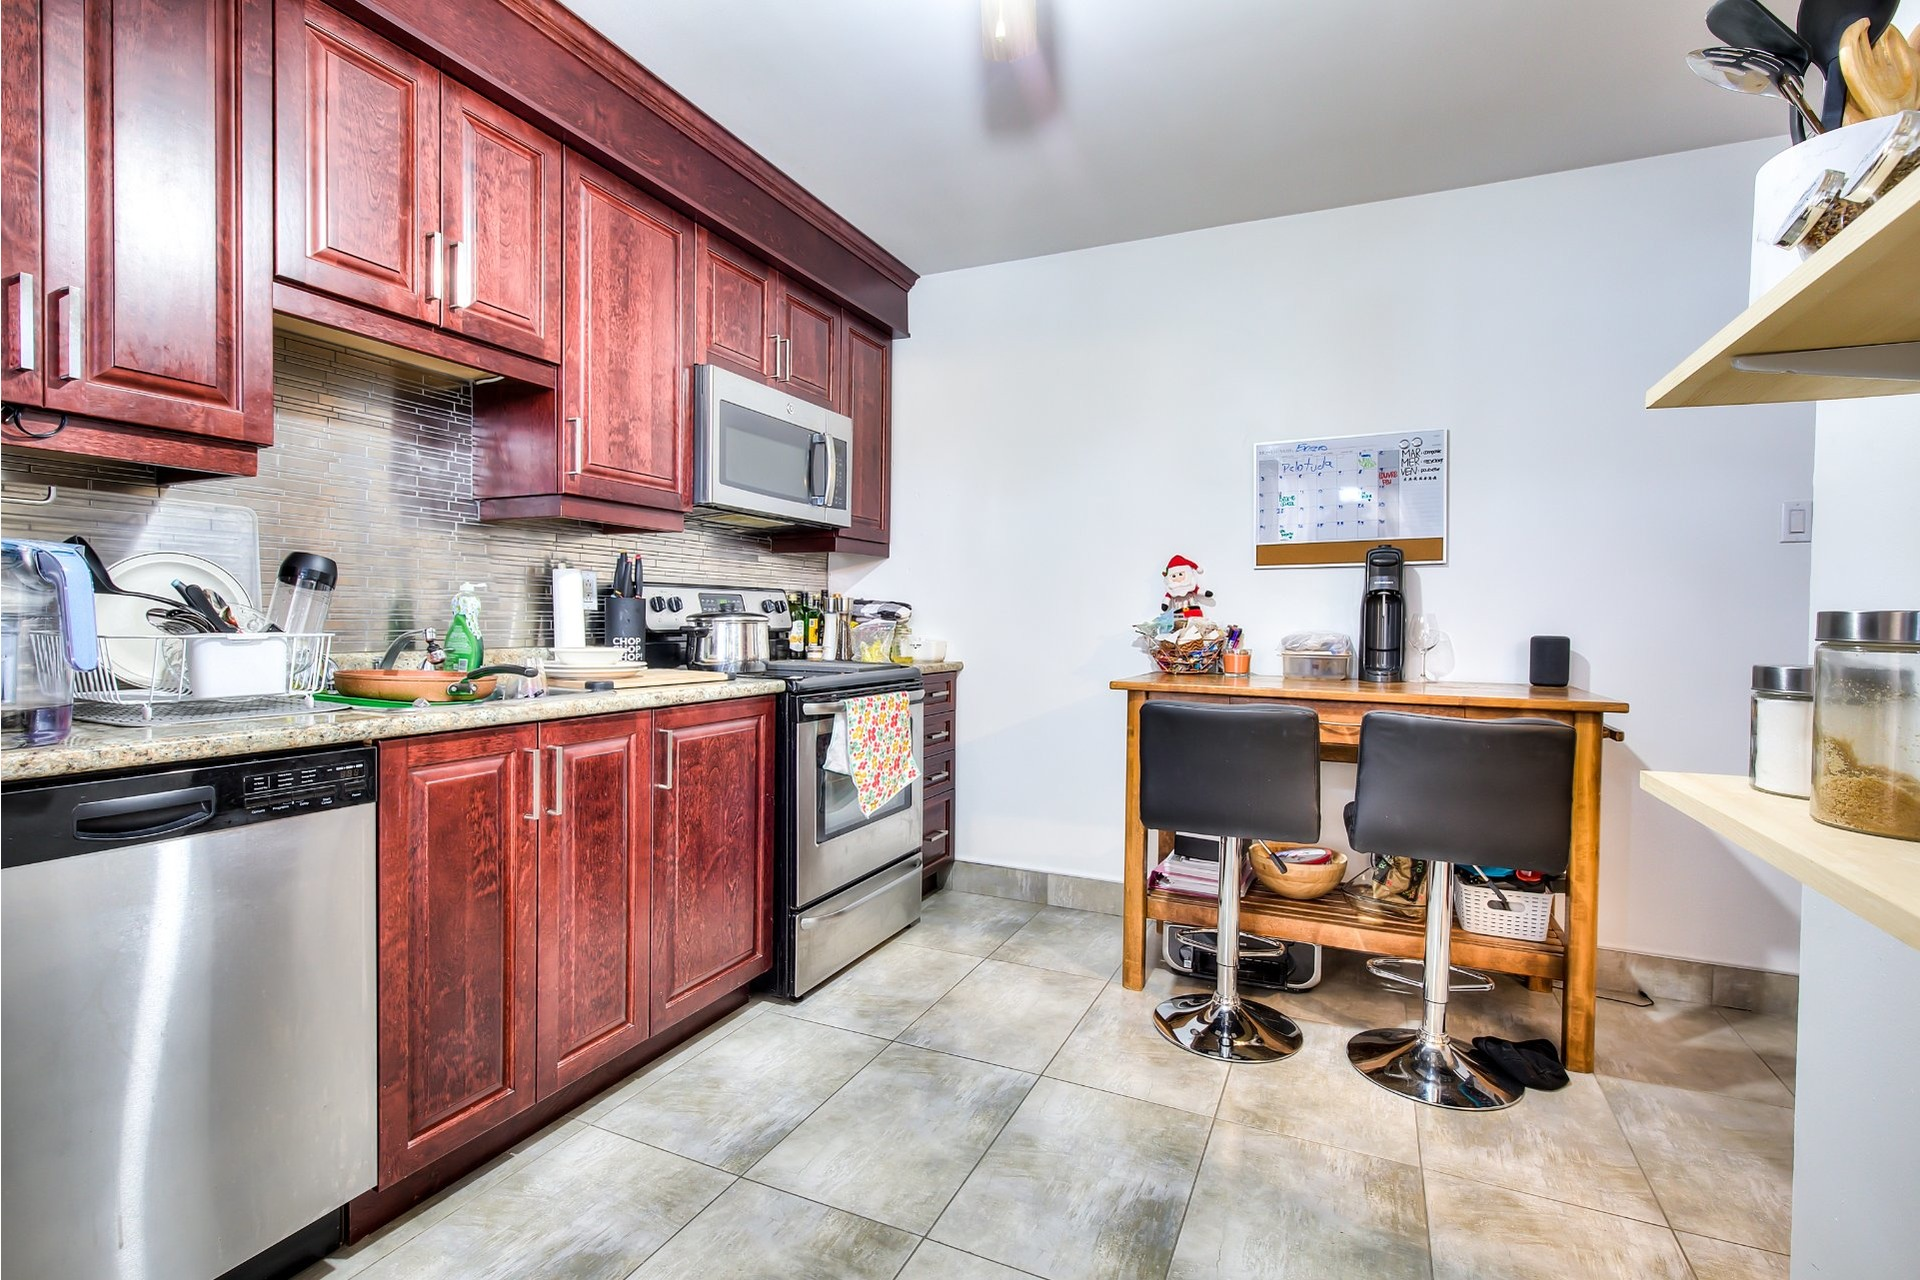 image 5 - Income property For sale Villeray/Saint-Michel/Parc-Extension Montréal  - 4 rooms